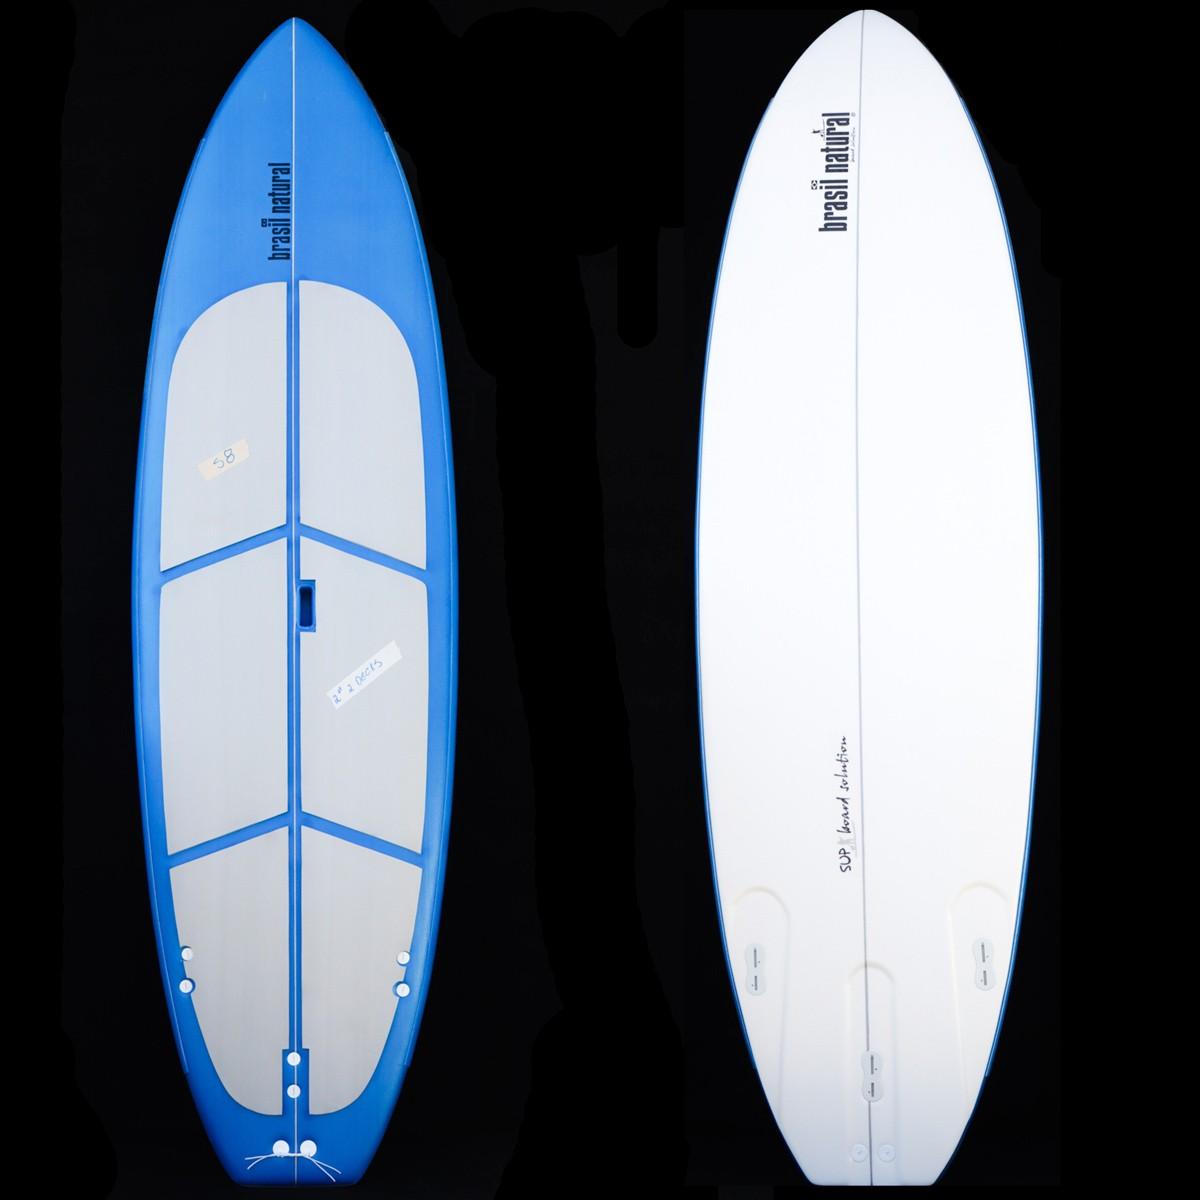 Prancha de stand up paddle 10 pés soft + kit remada - Outlet 58